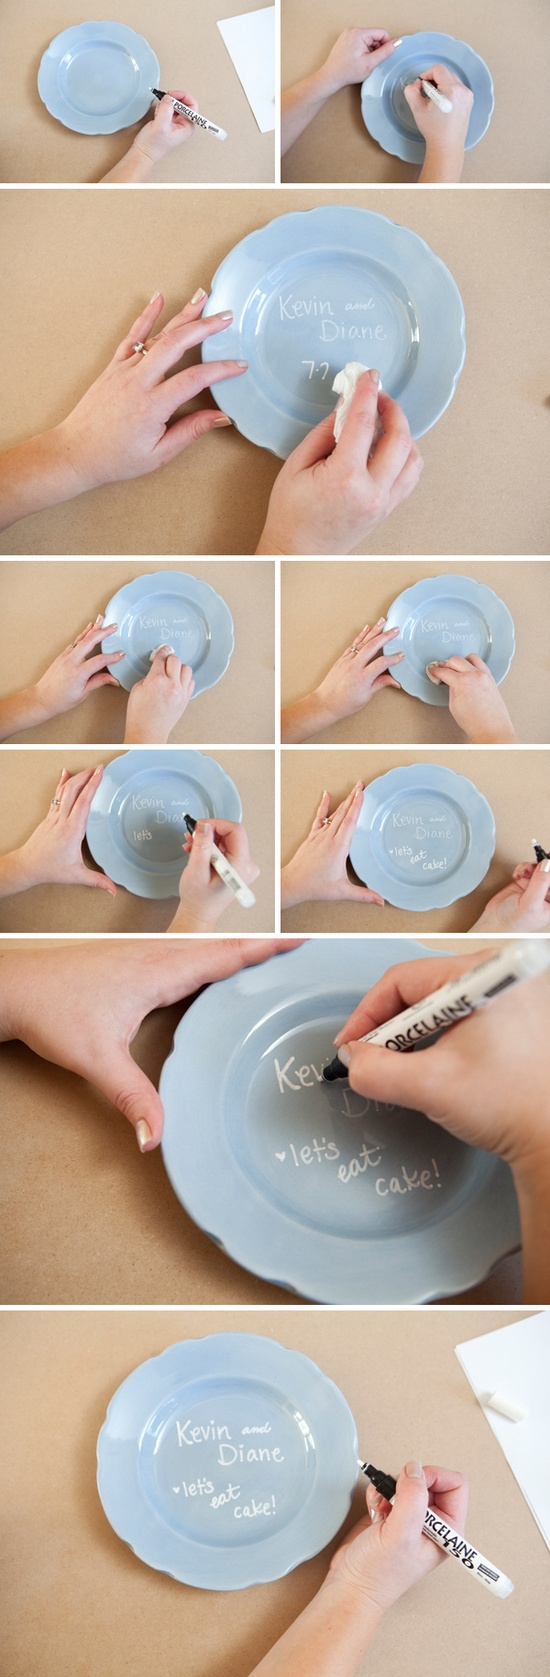 Porselen Kalemi İle Boyama